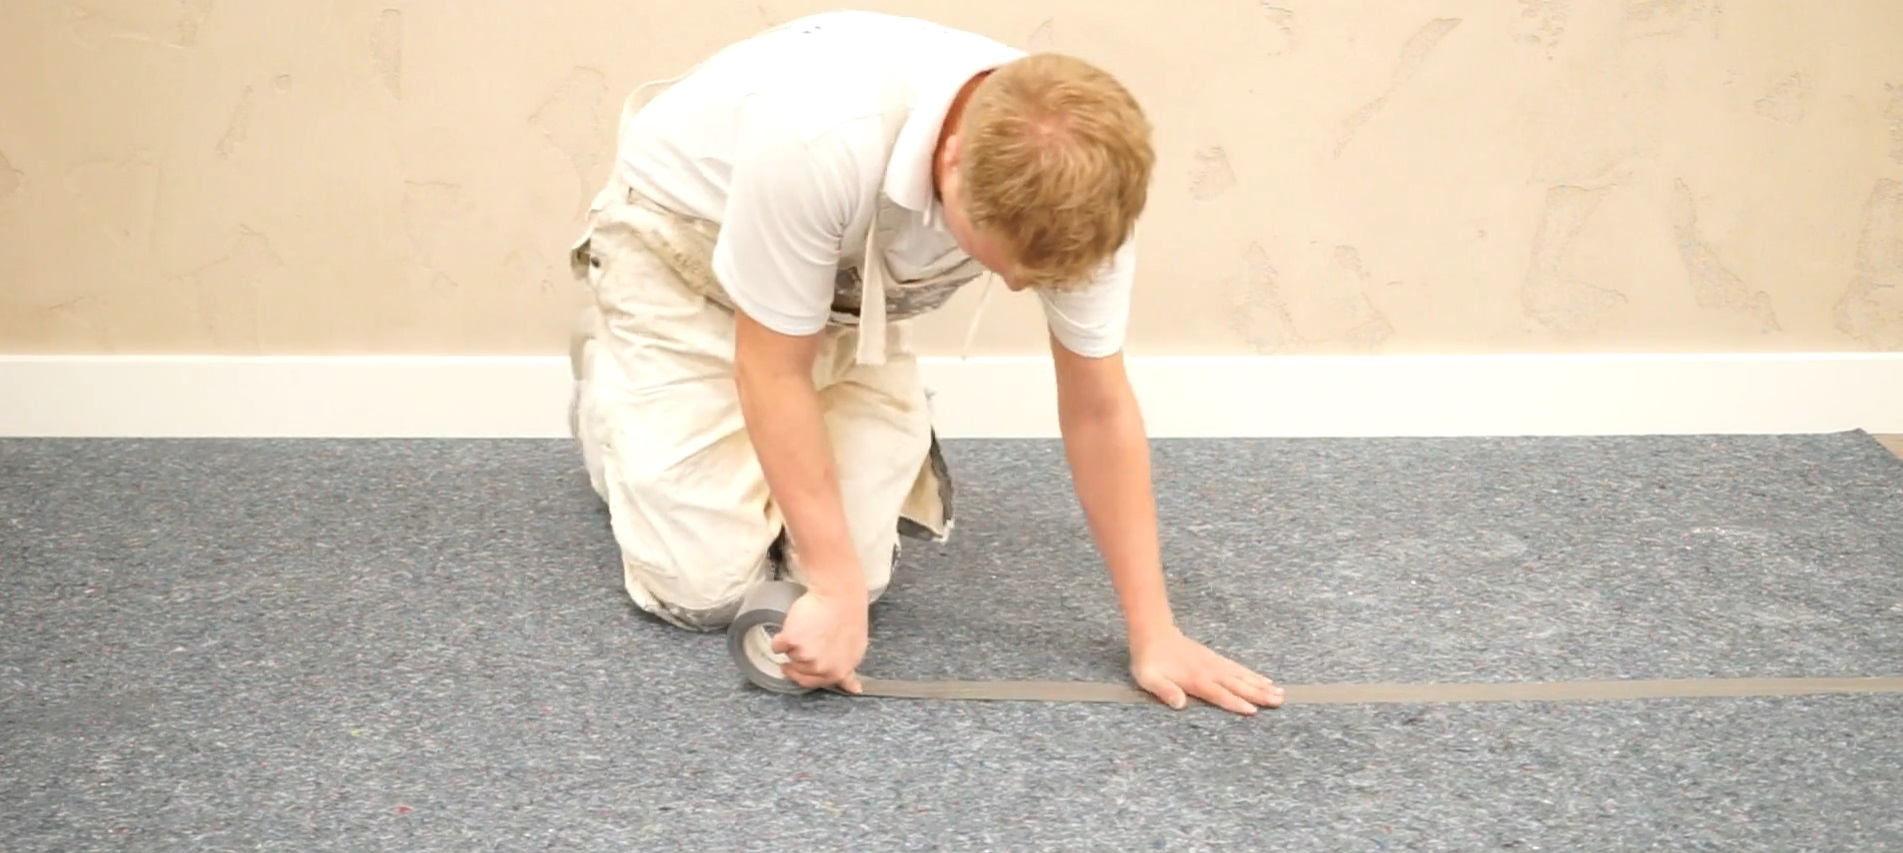 Dán các mép thảm bảo vệ sàn với nhau